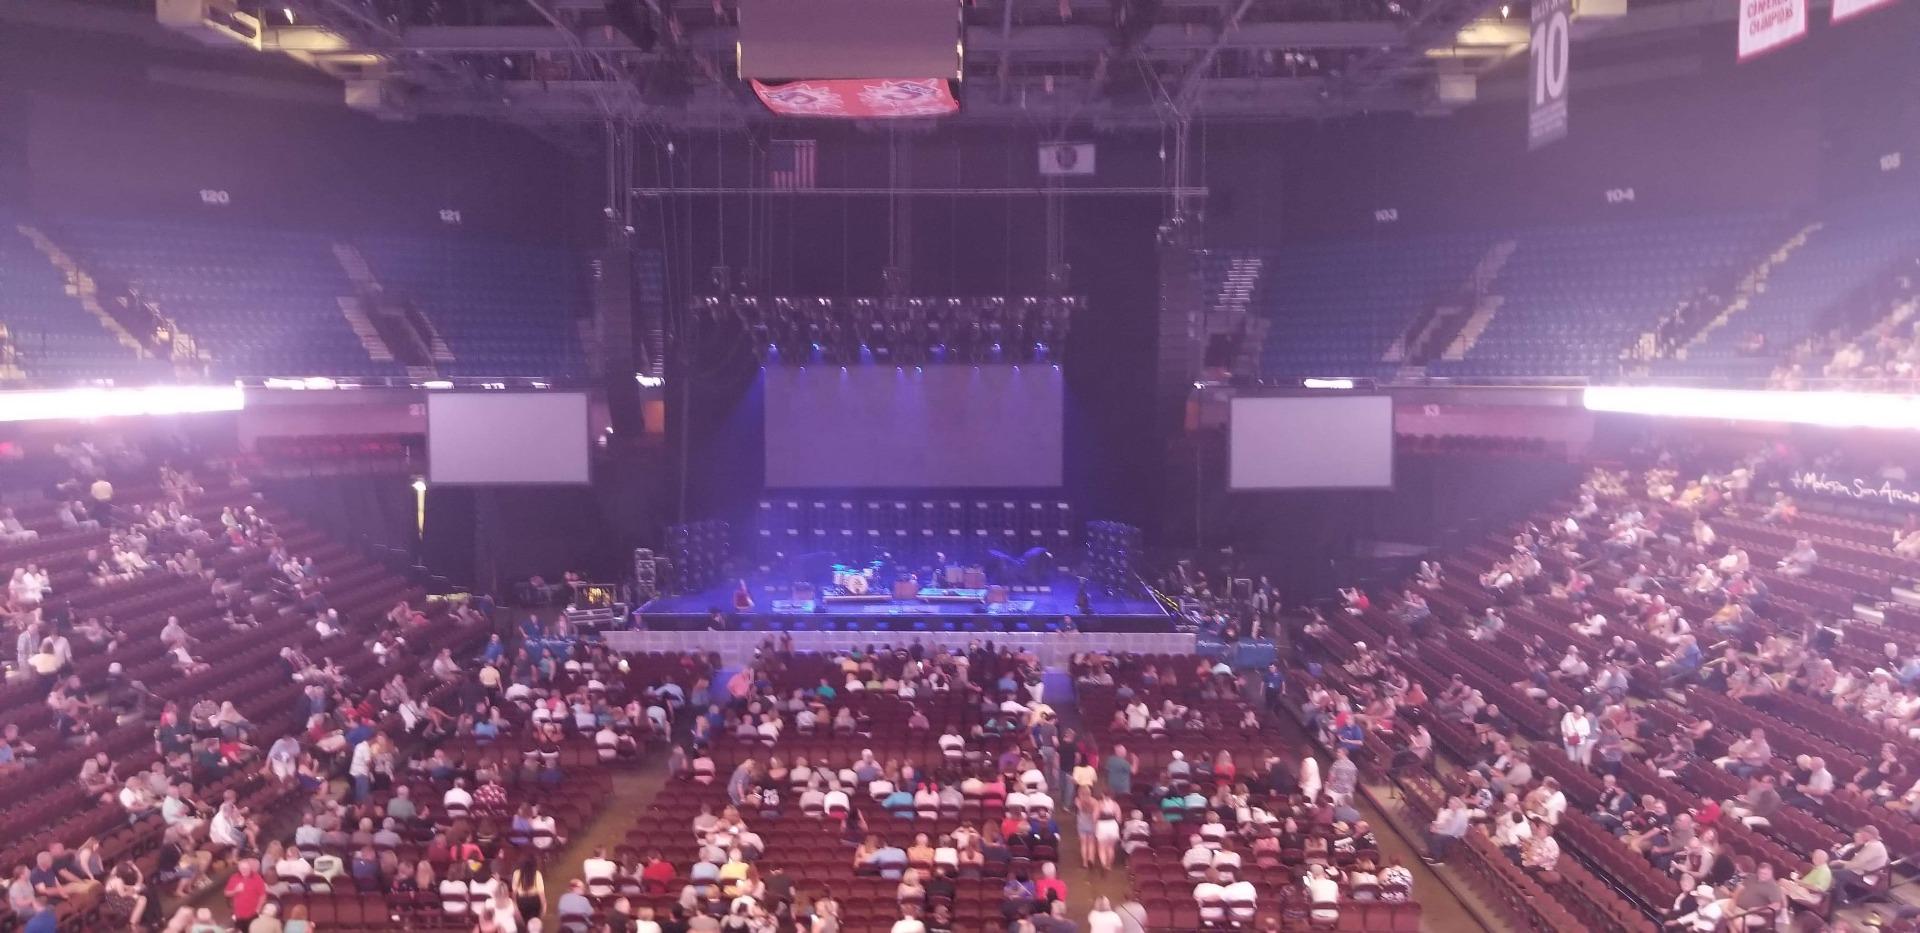 Mohegan Sun Arena  Section 112 Row A Seat 7